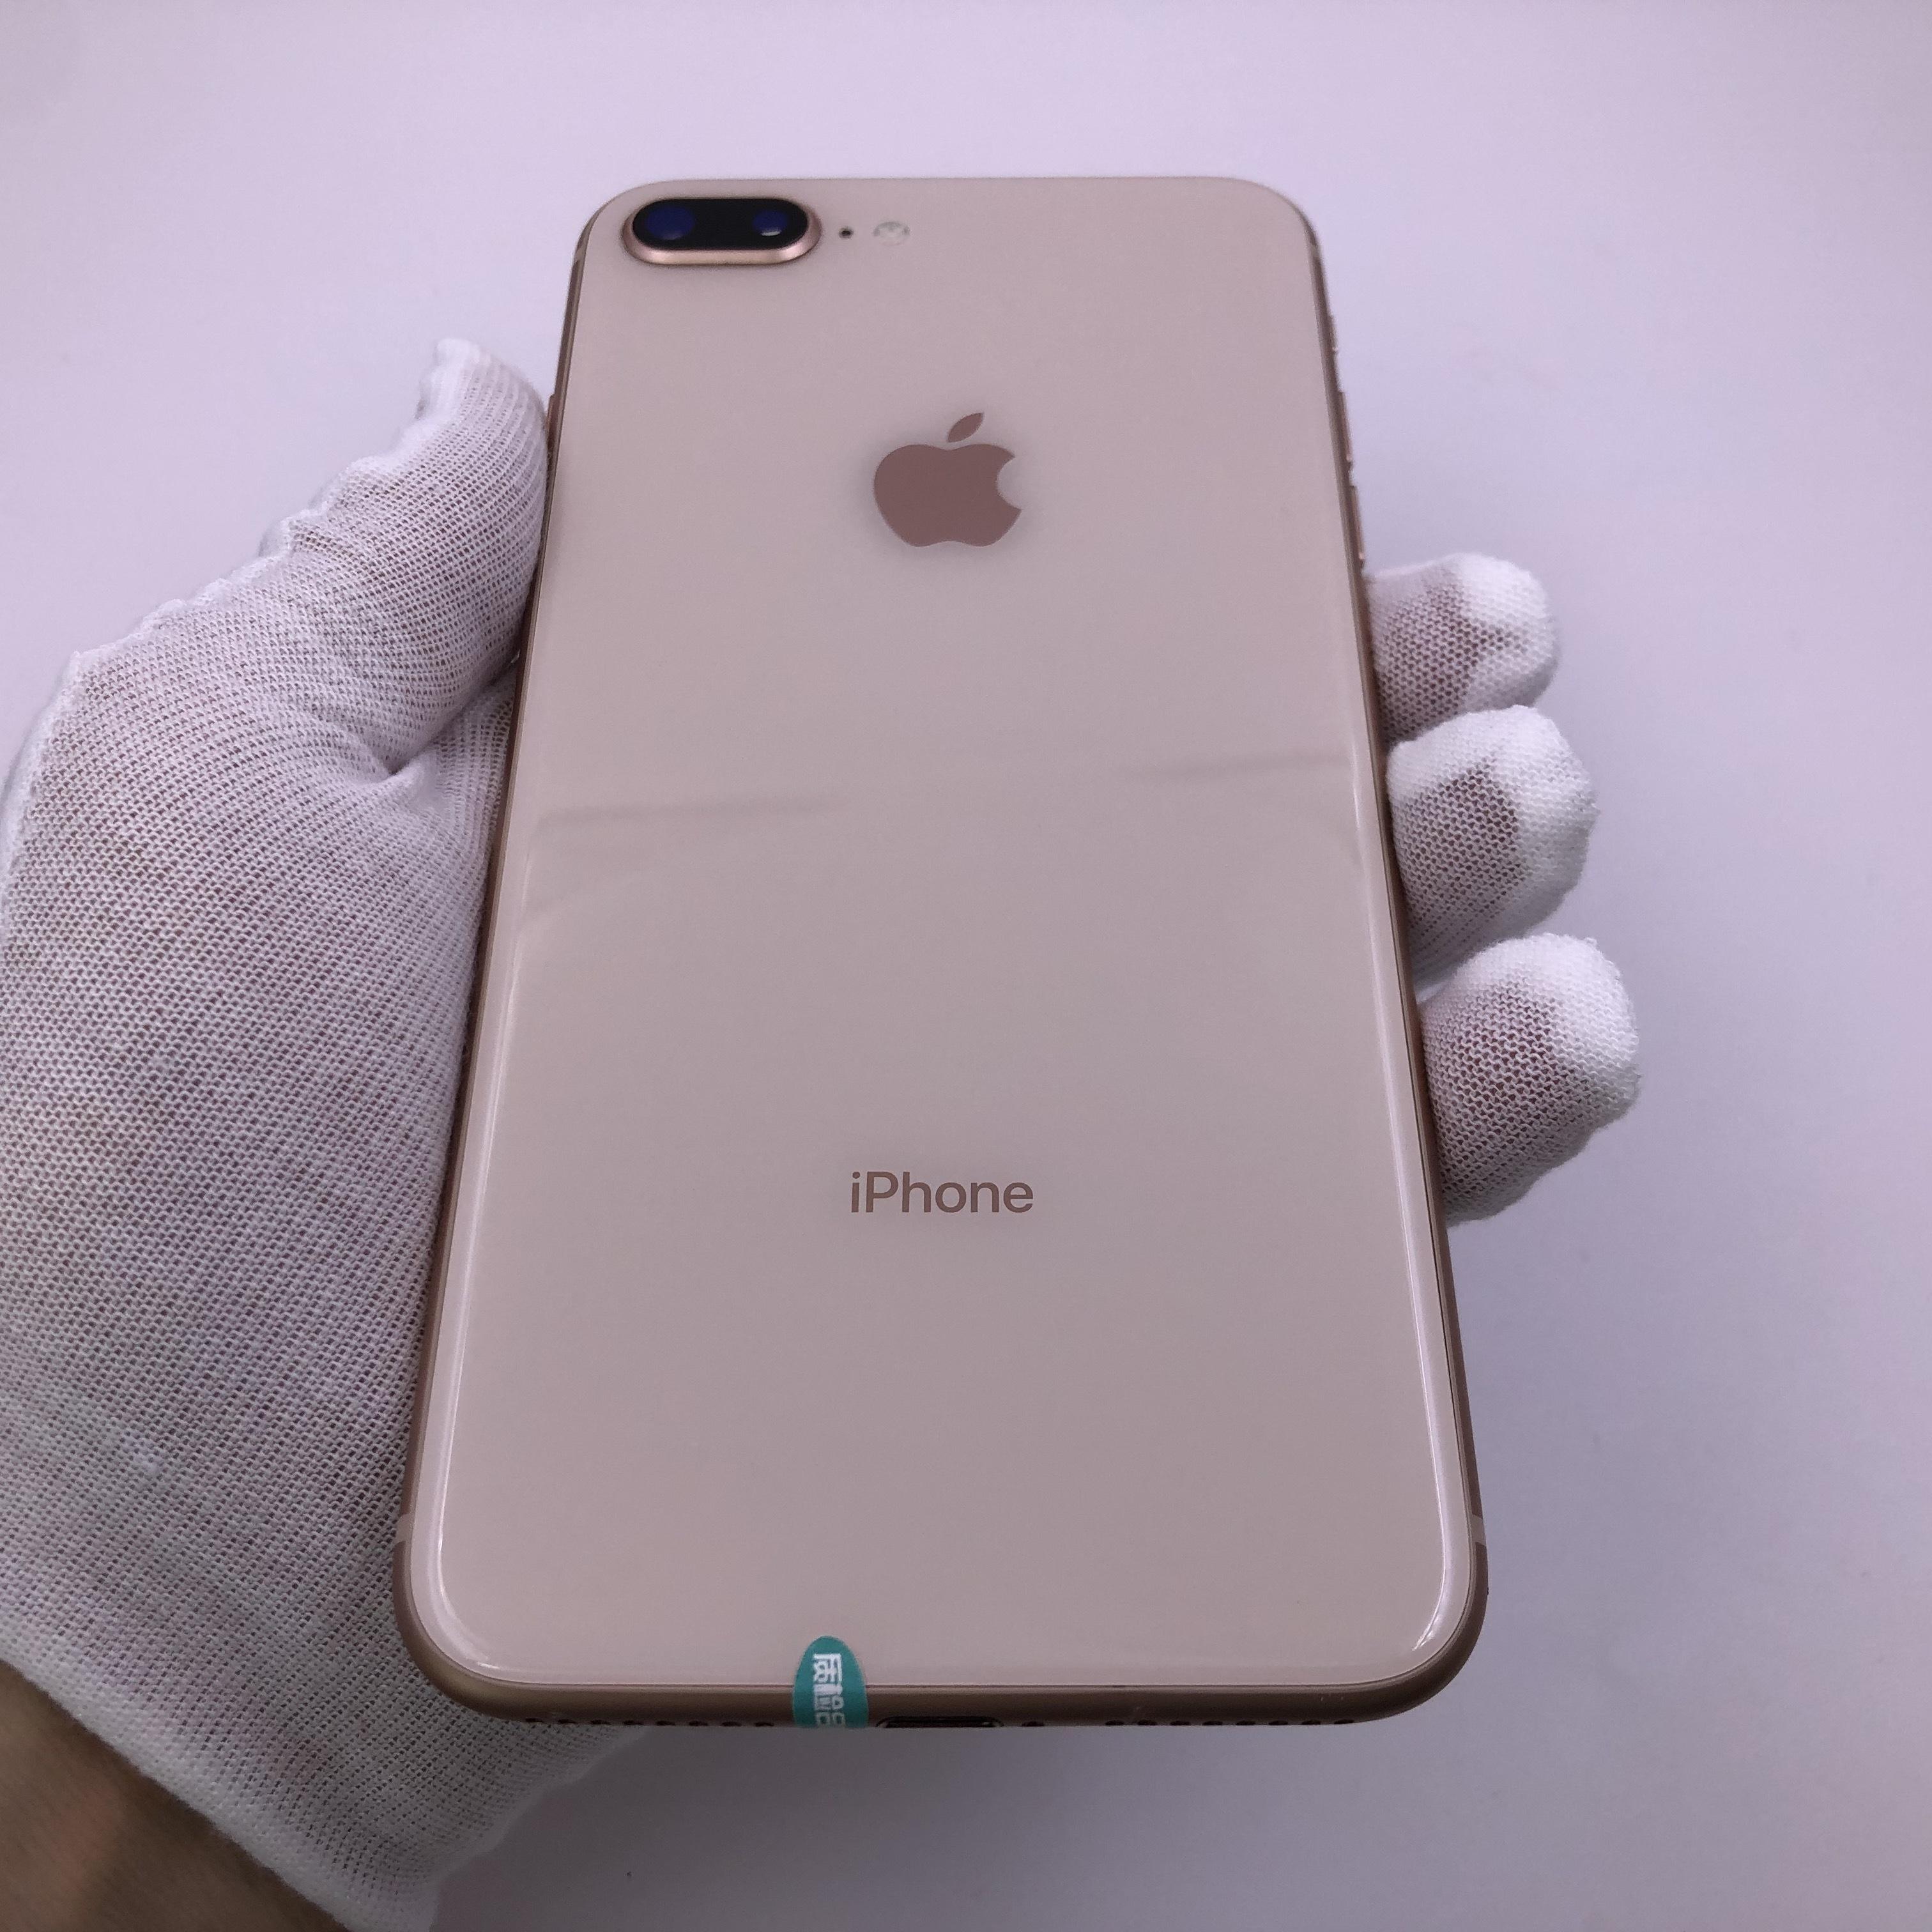 苹果【iPhone 8 Plus】4G全网通 金色 256G 国行 9成新